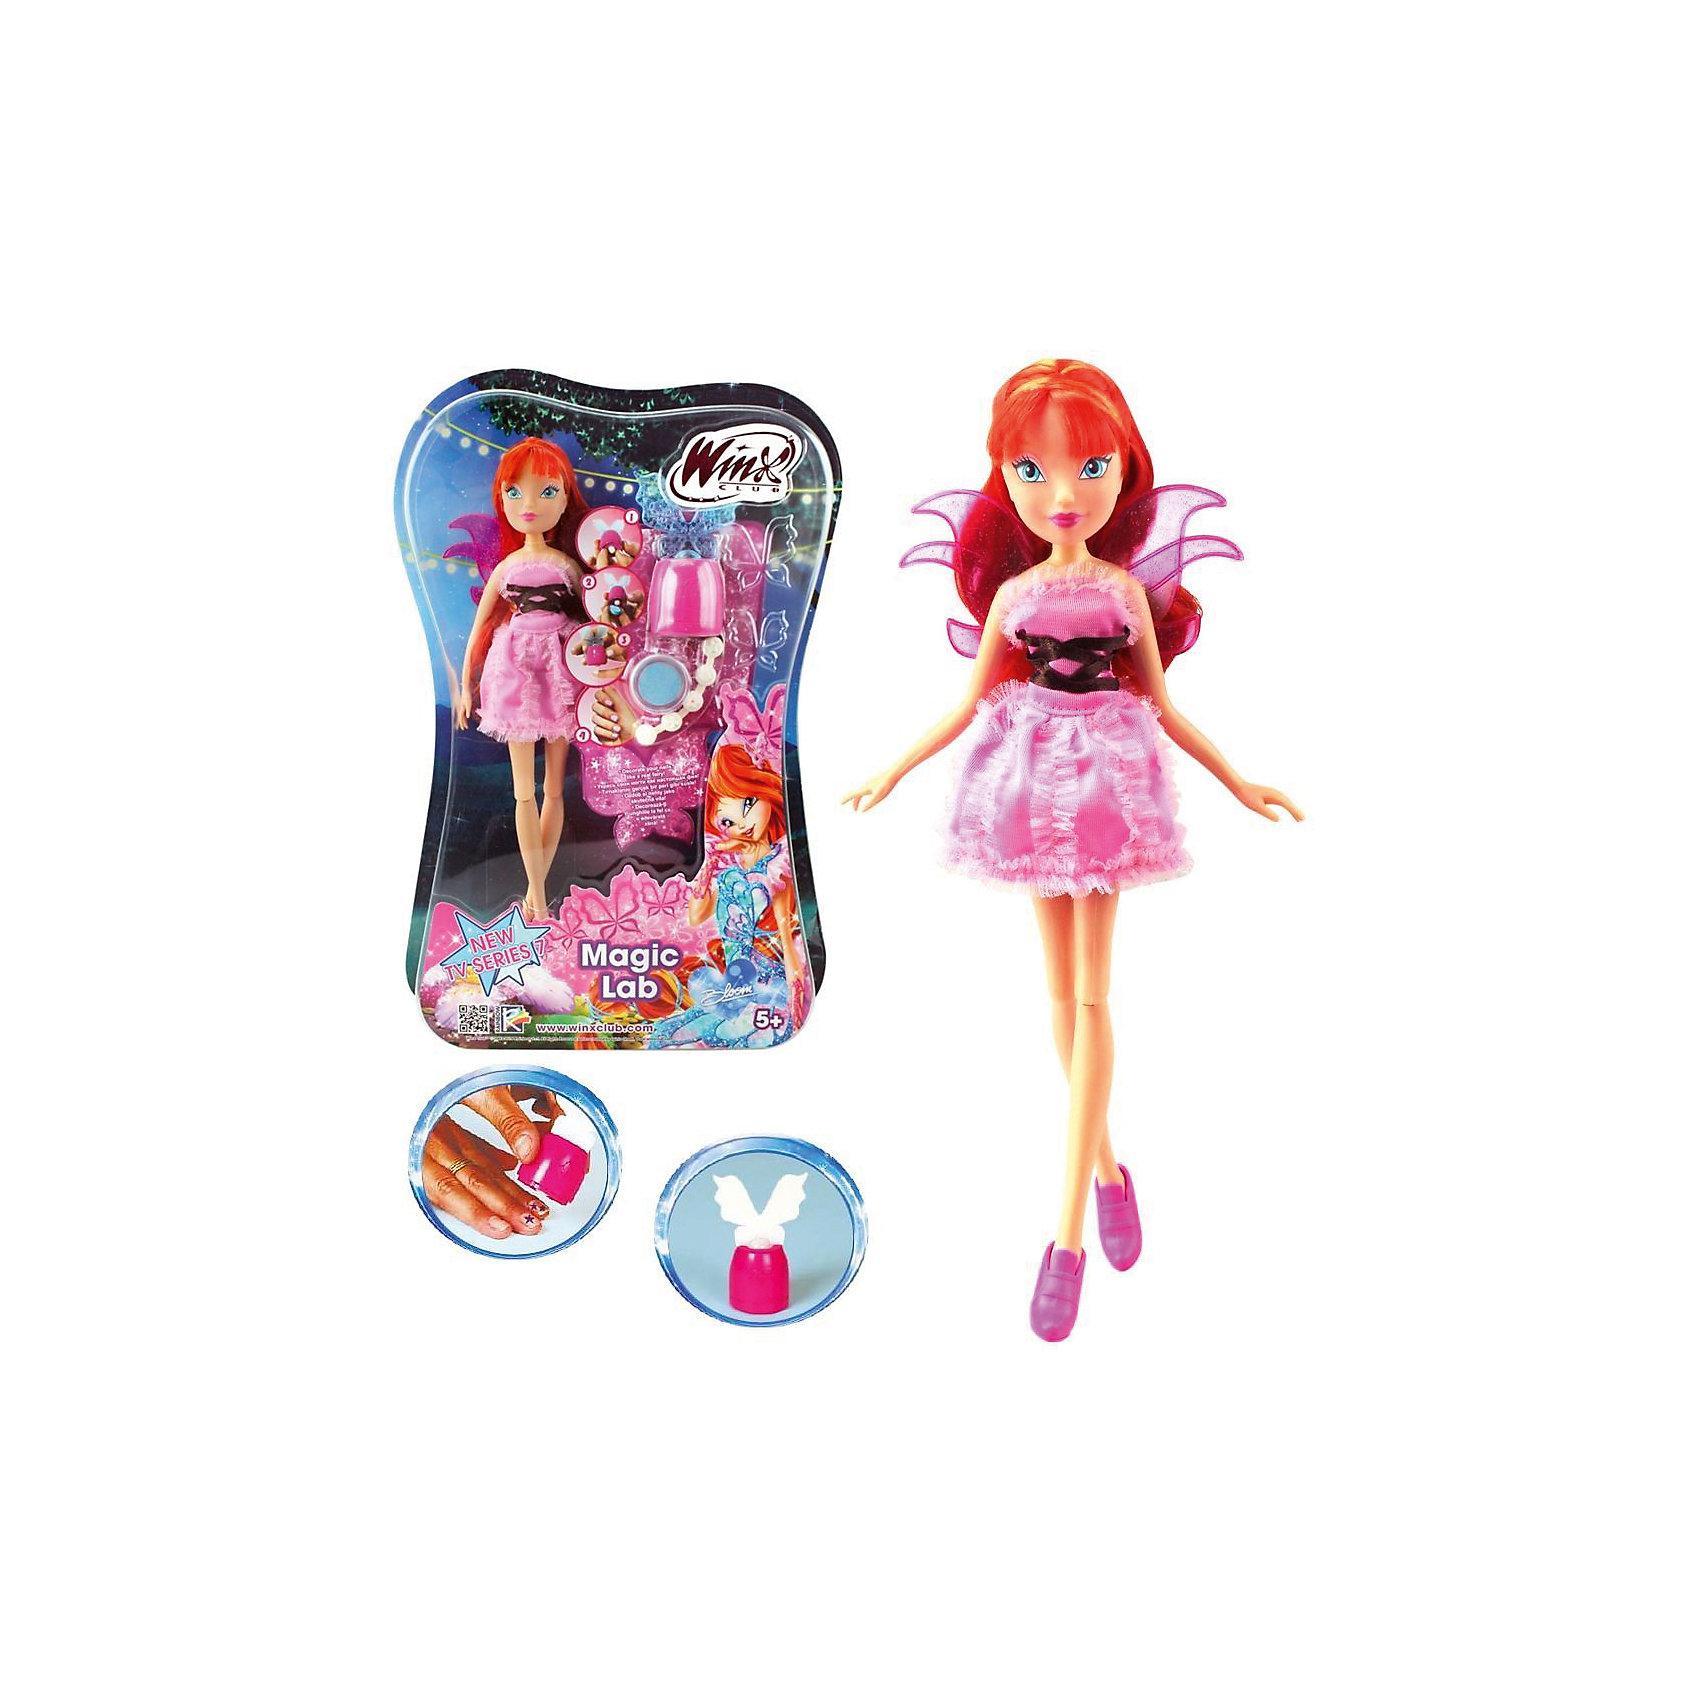 Кукла Блум, Магическая лаборатория, Winx ClubБренды кукол<br>Характеристики товара:<br><br>- цвет: разноцветный;<br>- материал: пластик, текстиль;<br>- особенности: руки и ноги сгибаются;<br>- размер упаковки: 25х36х6 см;<br>- размер куклы: 28 см.<br><br>Такие красивые куклы не оставят ребенка равнодушным! Какая девочка откажется поиграть с куклой Winx ?! Игрушка отлично детализирована, очень качественно выполнена, поэтому она станет отличным подарком ребенку. В наборе идут одежда и аксессуары, которыми можно украсить куклу!<br>Изделие произведено из высококачественного материала, безопасного для детей.<br><br>Куклу Блум, Магическая лаборатория от бренда Winx Club можно купить в нашем интернет-магазине.<br><br>Ширина мм: 60<br>Глубина мм: 260<br>Высота мм: 350<br>Вес г: 350<br>Возраст от месяцев: 36<br>Возраст до месяцев: 2147483647<br>Пол: Женский<br>Возраст: Детский<br>SKU: 5047571